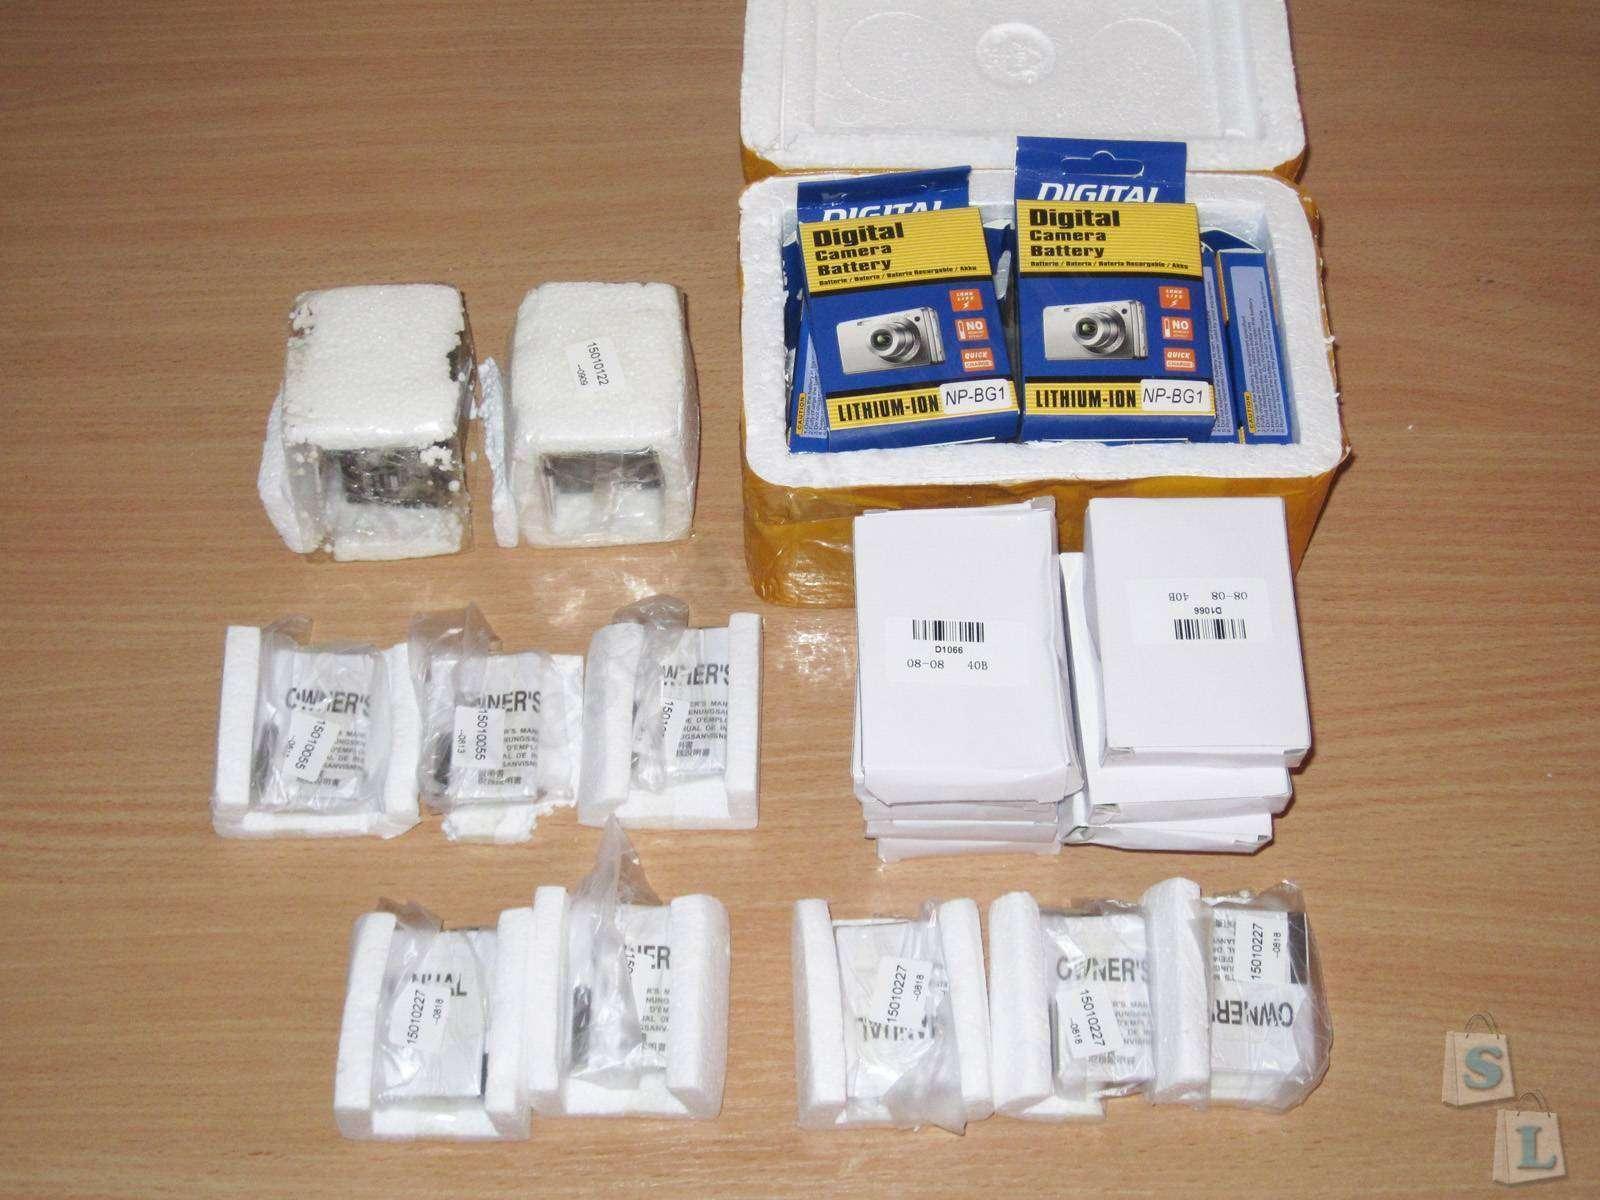 Aliexpress: Кучка разных всяких аккумуляторов для фотоаппаратов и прочих полезных устройств :)